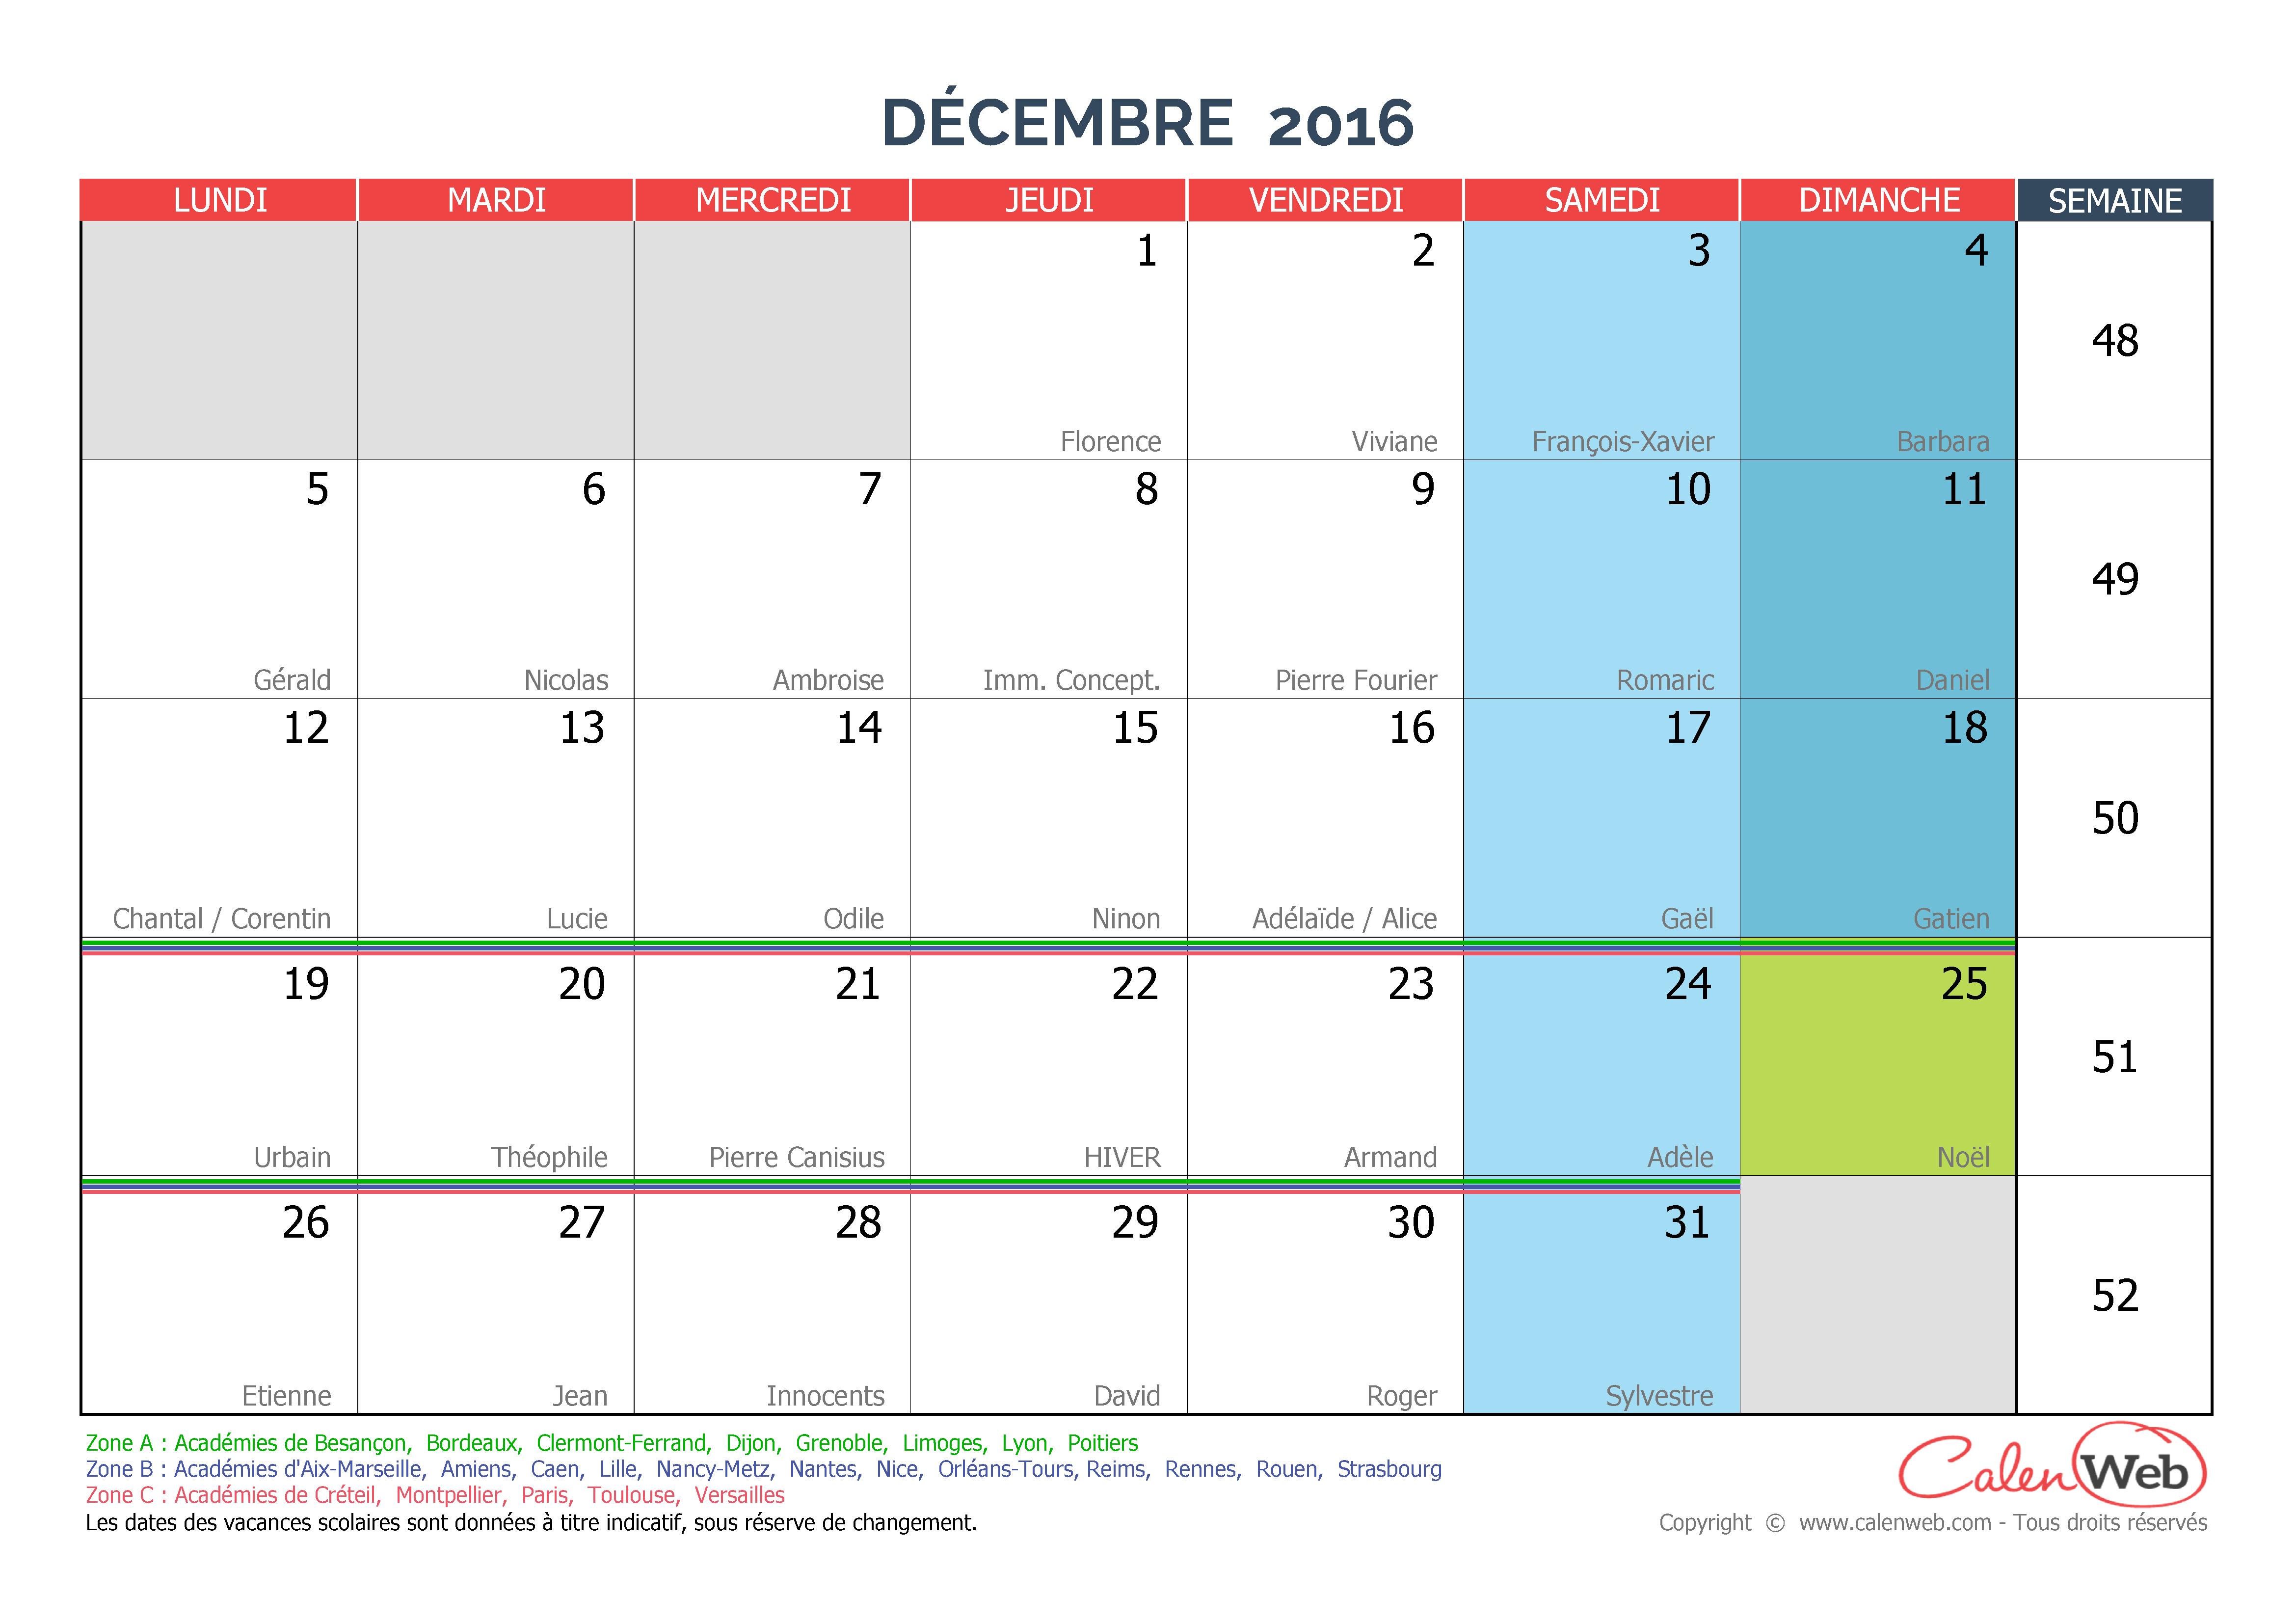 Calendrier mensuel - Mois de décembre 2016 Avec fêtes, jours ...